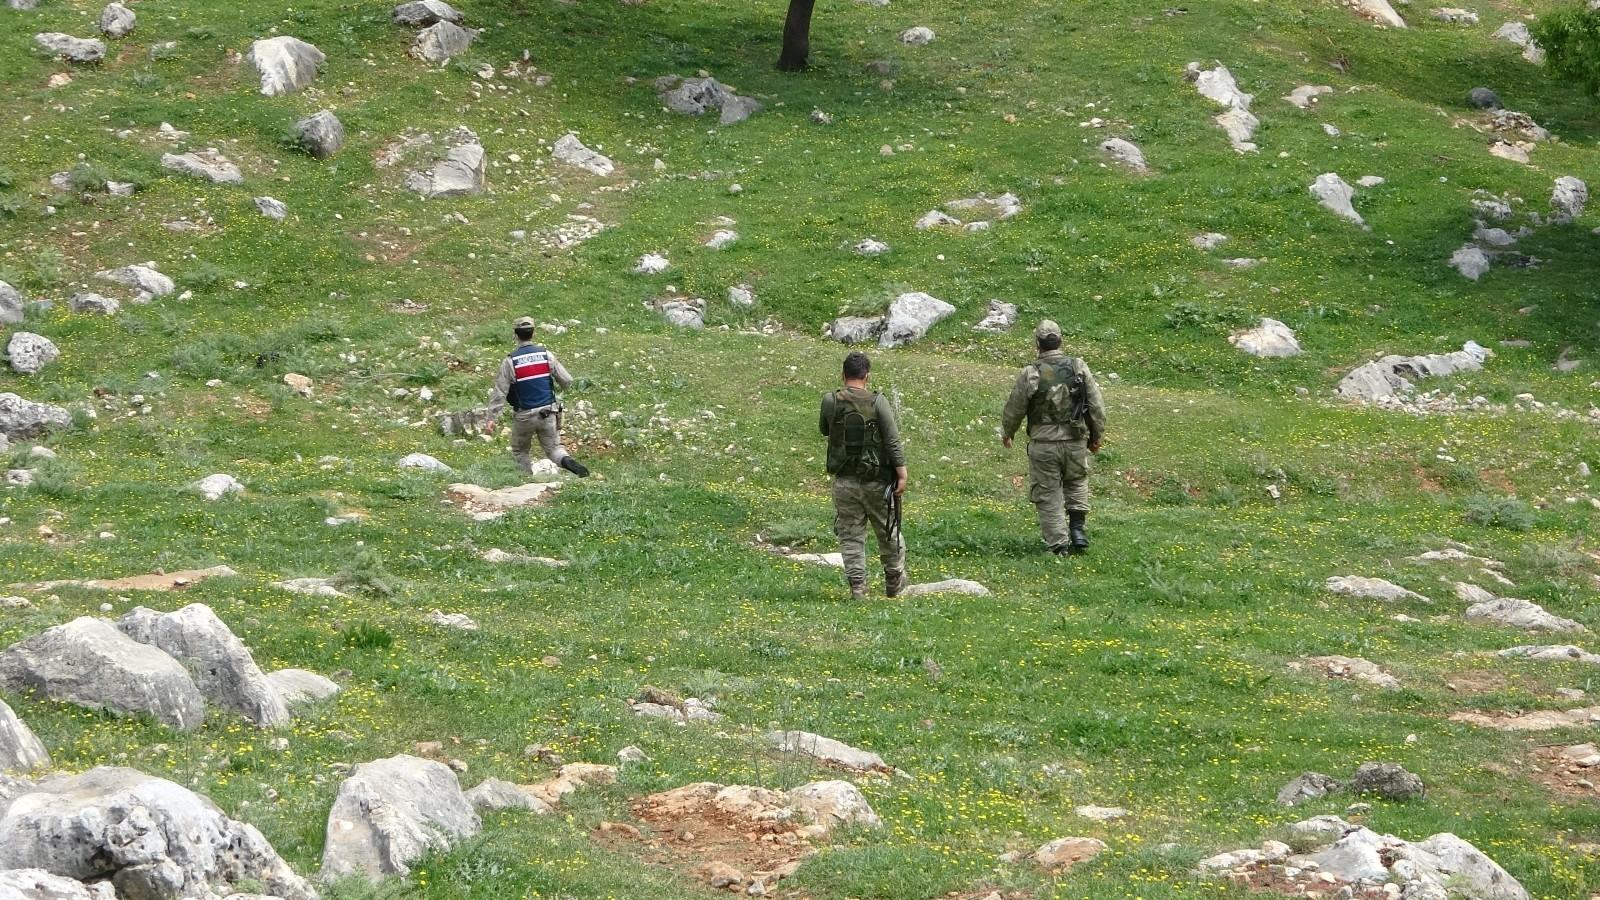 Arama ekipleri seferber oldu! 3 gündür kayıp olan yaşlı kadın dağ taş demeden her yerde aranıyor